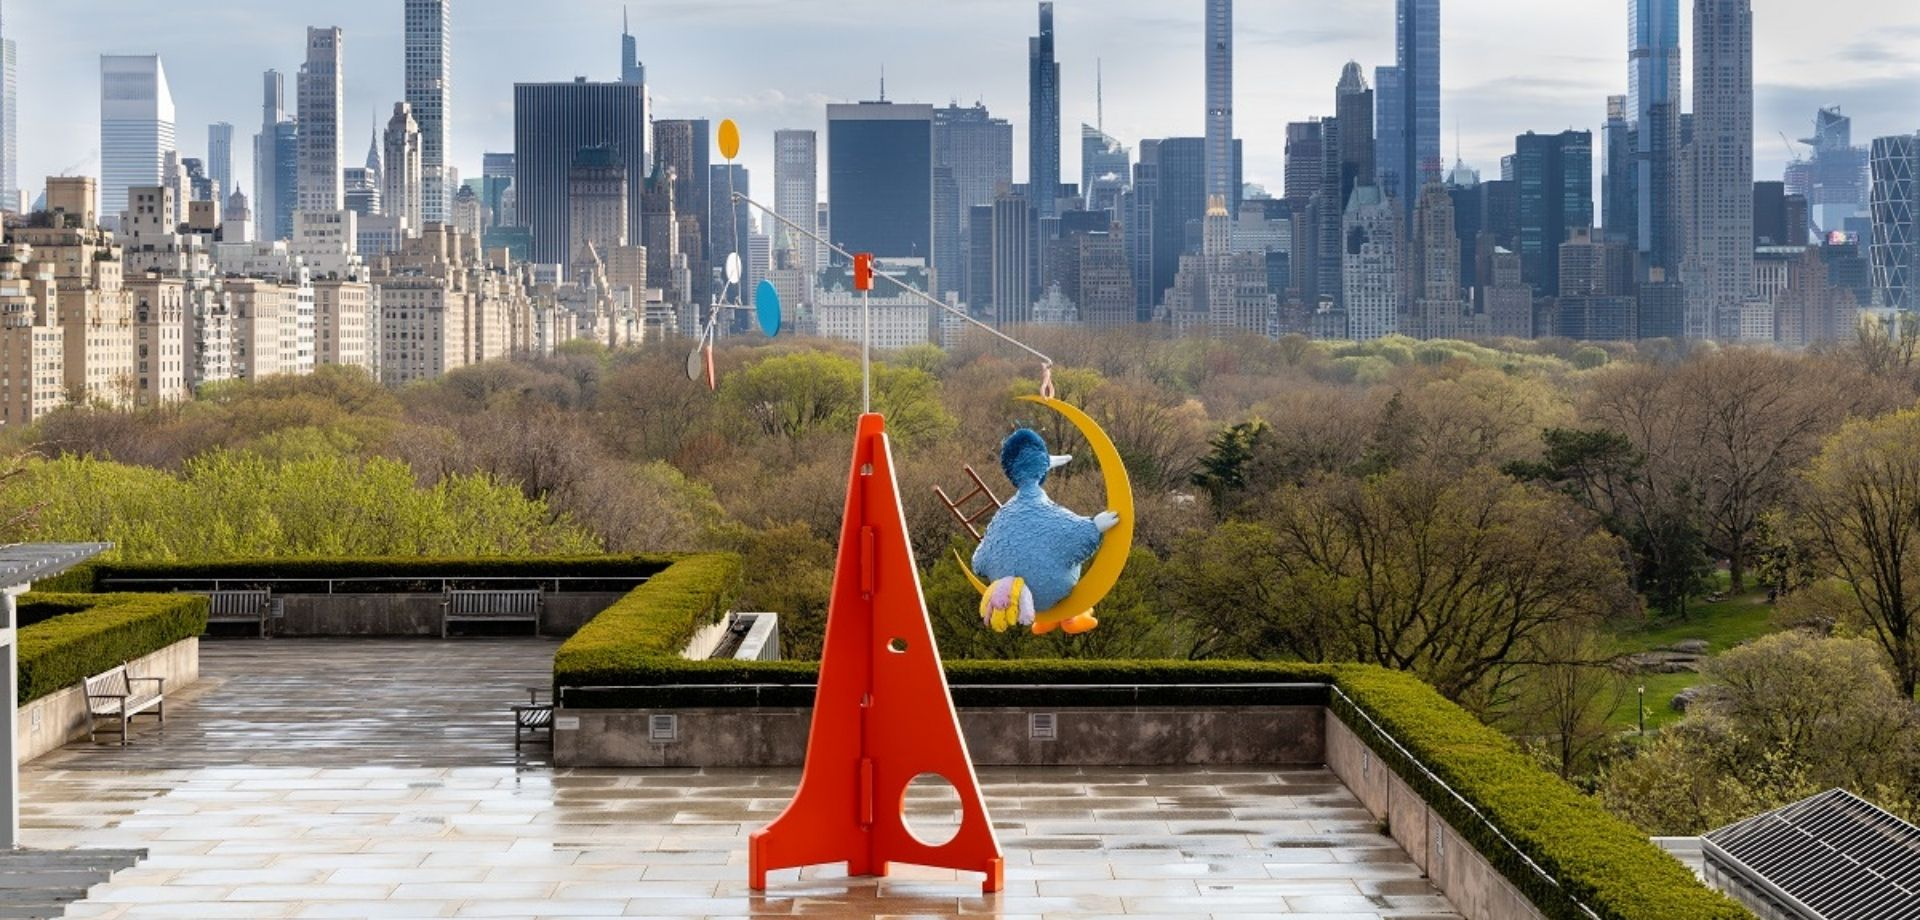 Μπλε Πουλί Μητροπολιτικό Μουσείο Νέας Υόρκης